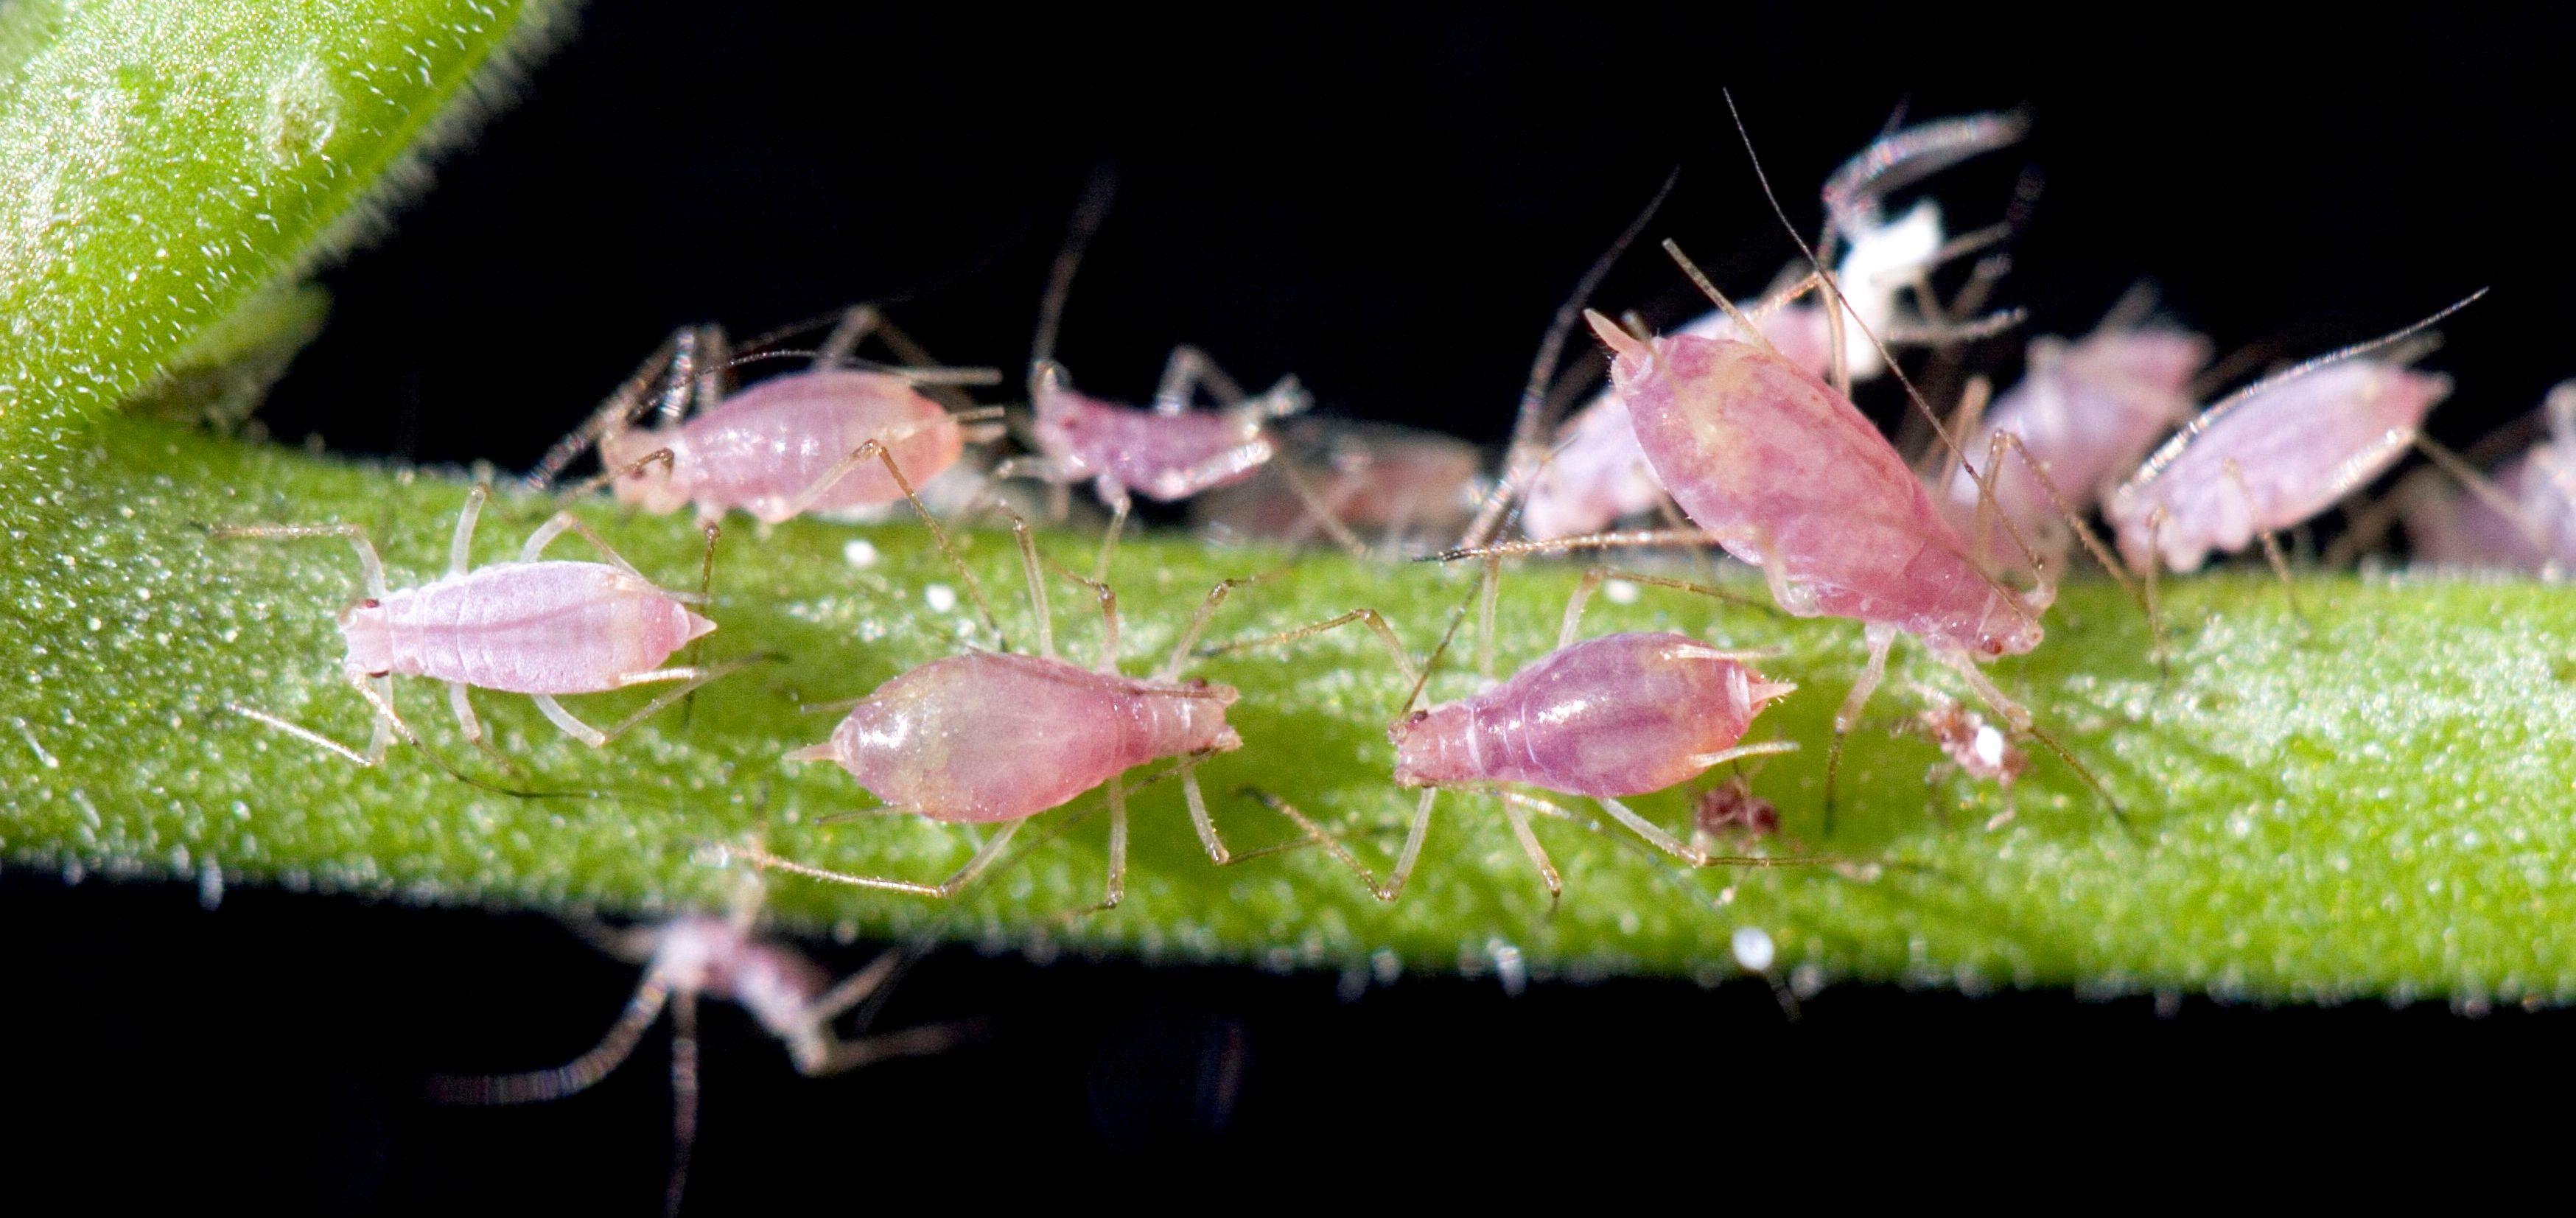 Для борьбы с тлями растения используют бактерий-предателей